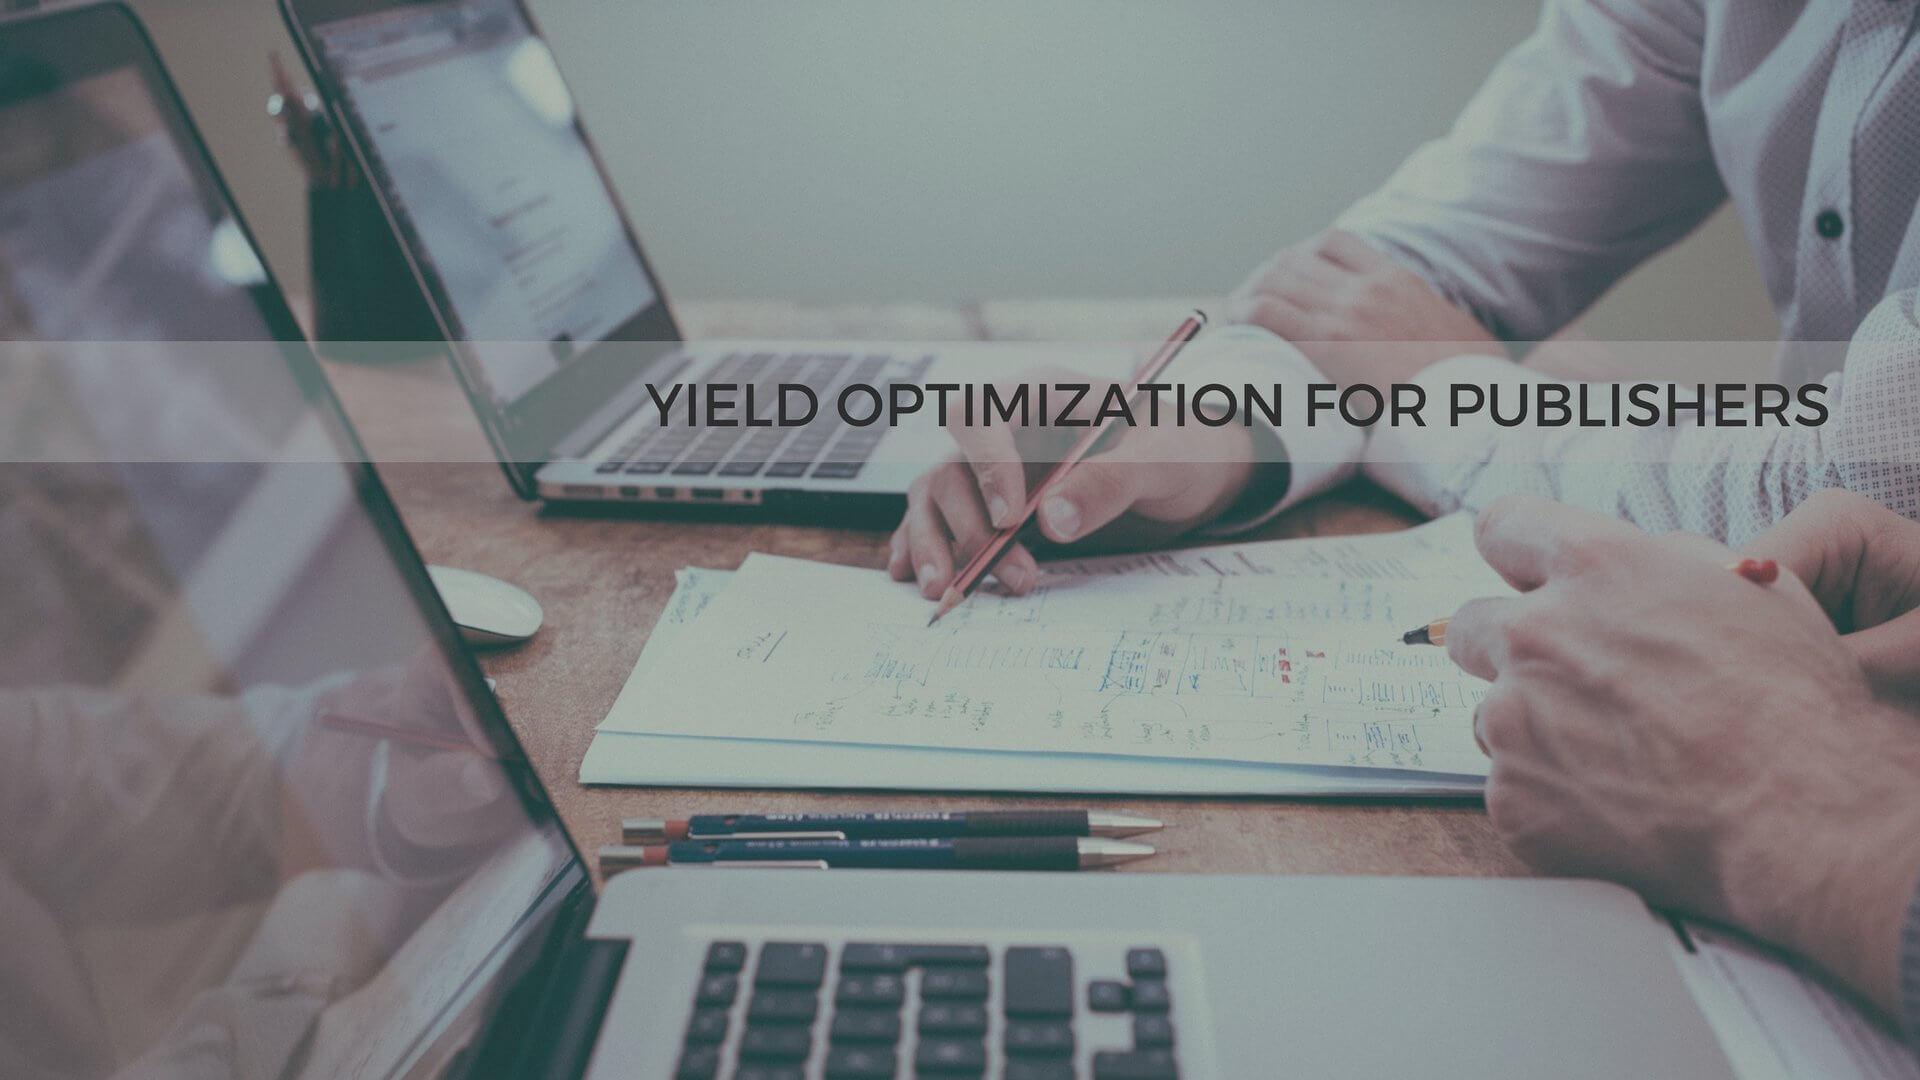 yield optimization